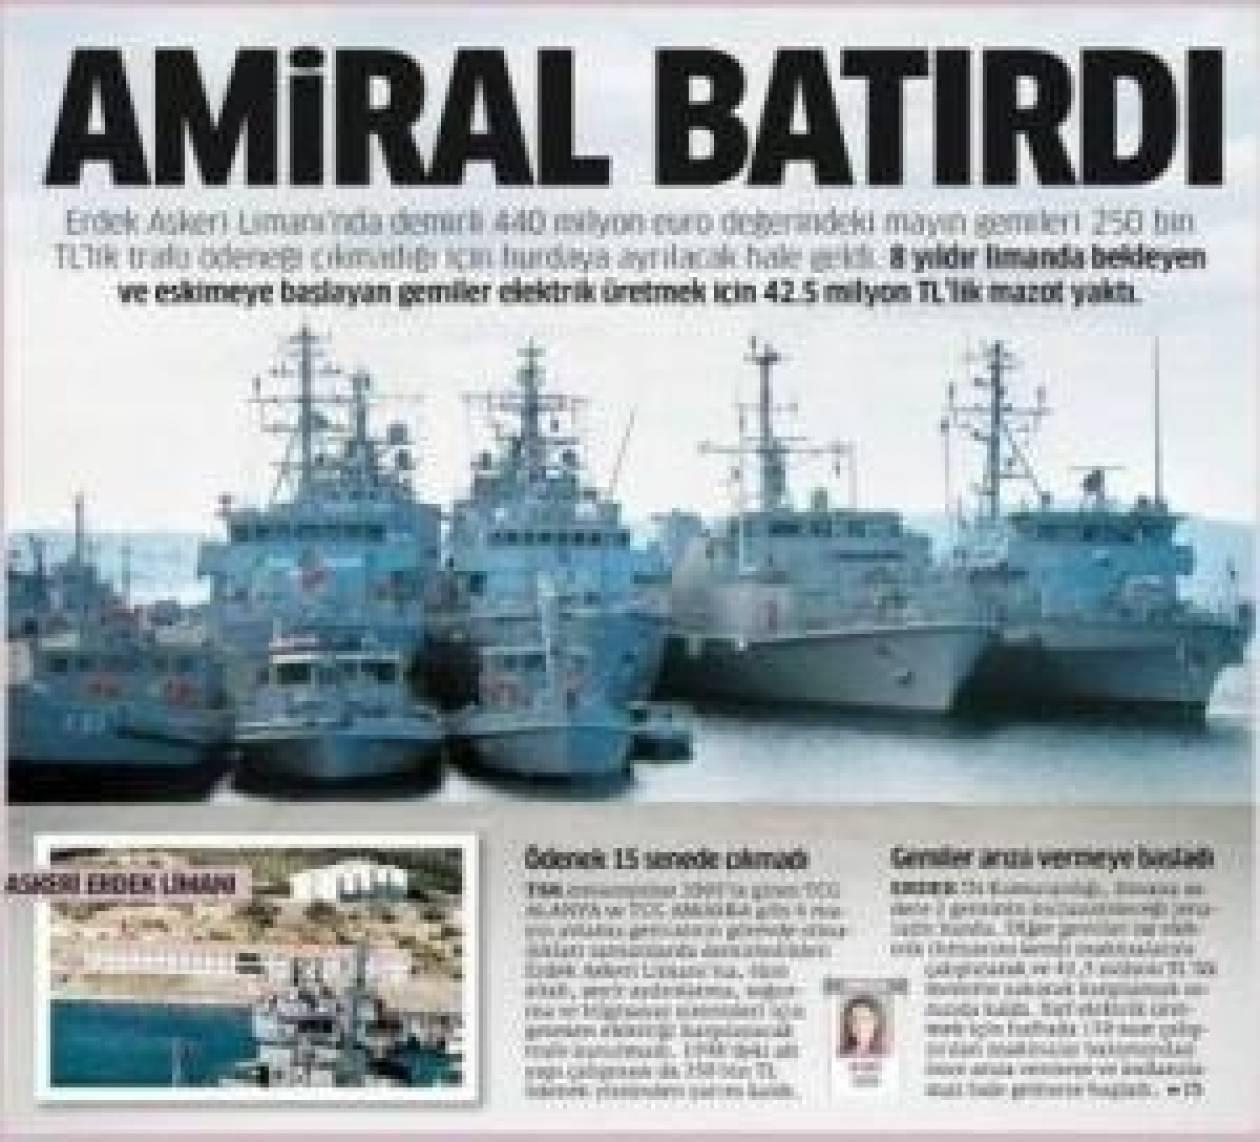 Star: Σε τραγική κατάσταση τα ναρκοθηρευτικά του Τουρκικού Π.Ν